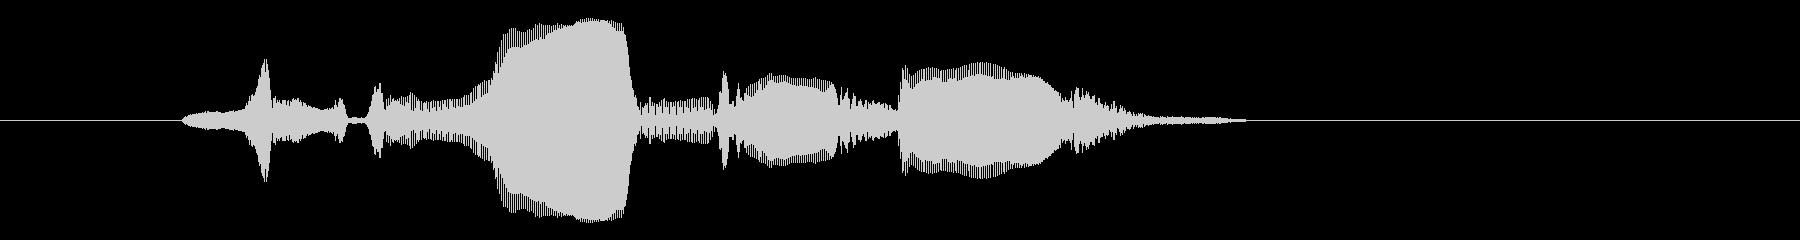 ゲーム モブ悲鳴A『いやだ~!』の未再生の波形